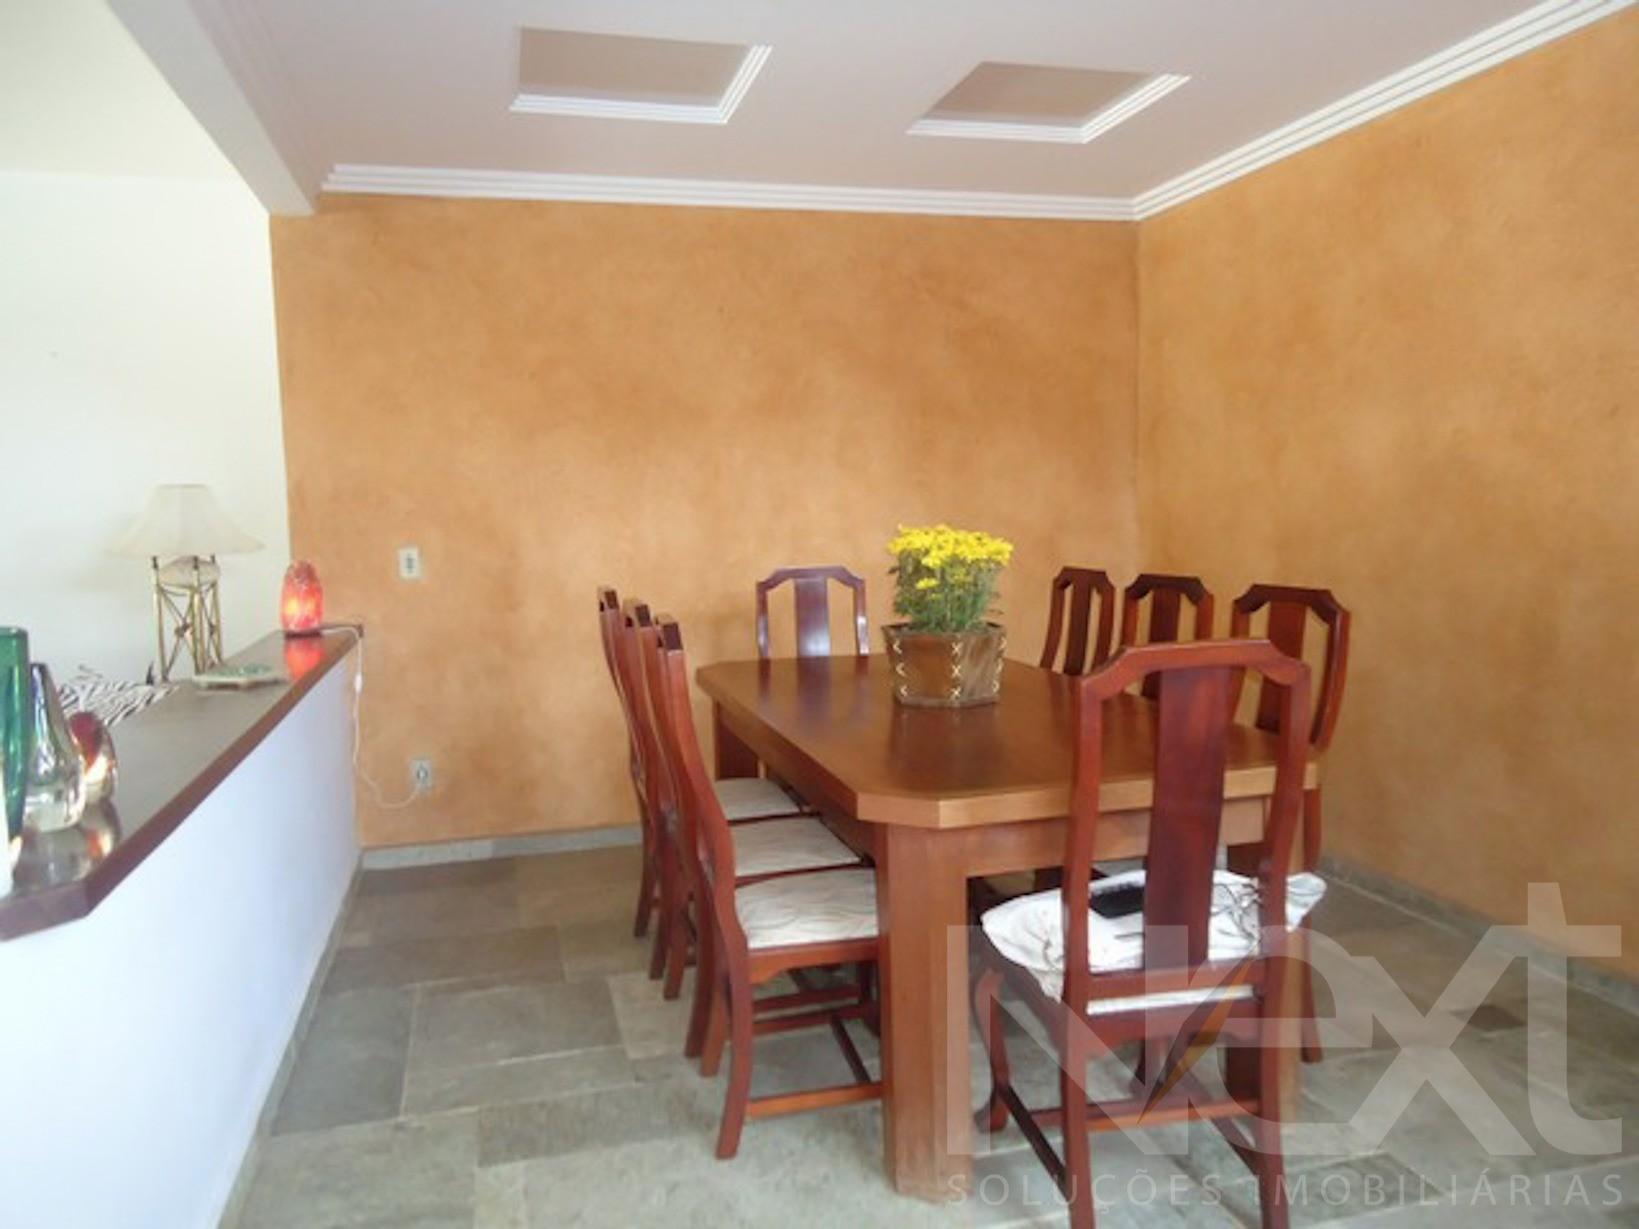 Condomínio de 5 dormitórios à venda em Hipica, Campinas - SP